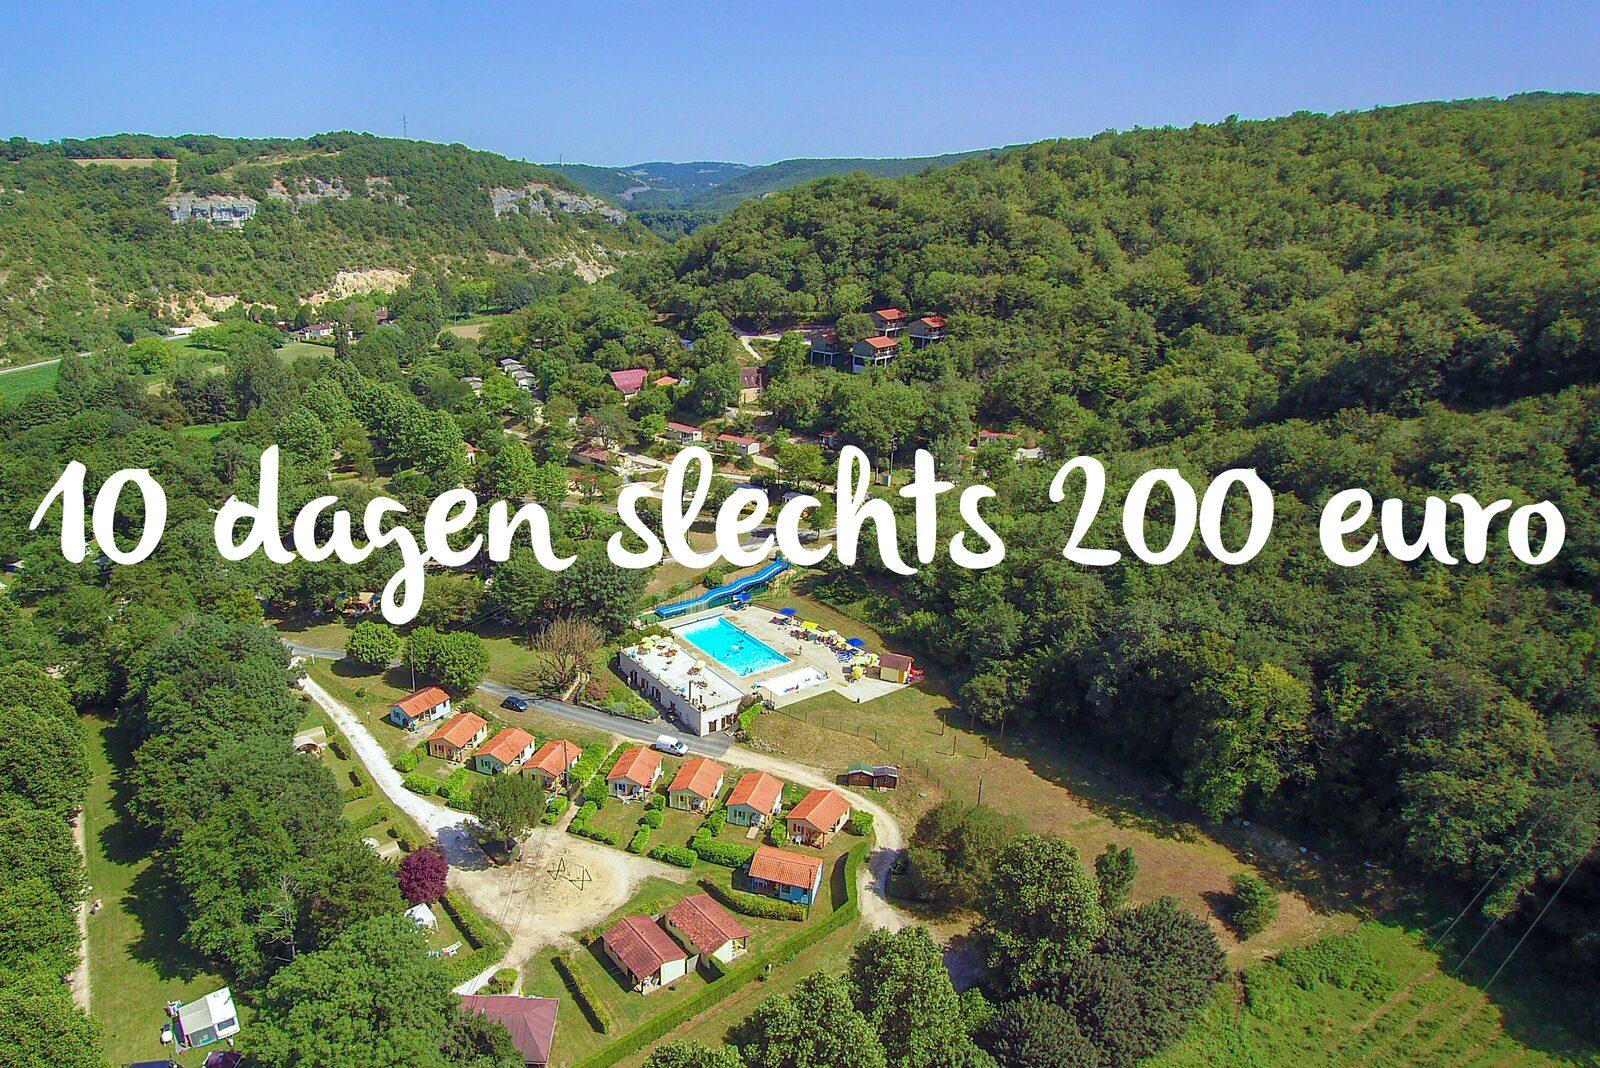 10 dagen voor slechts 200 euro!